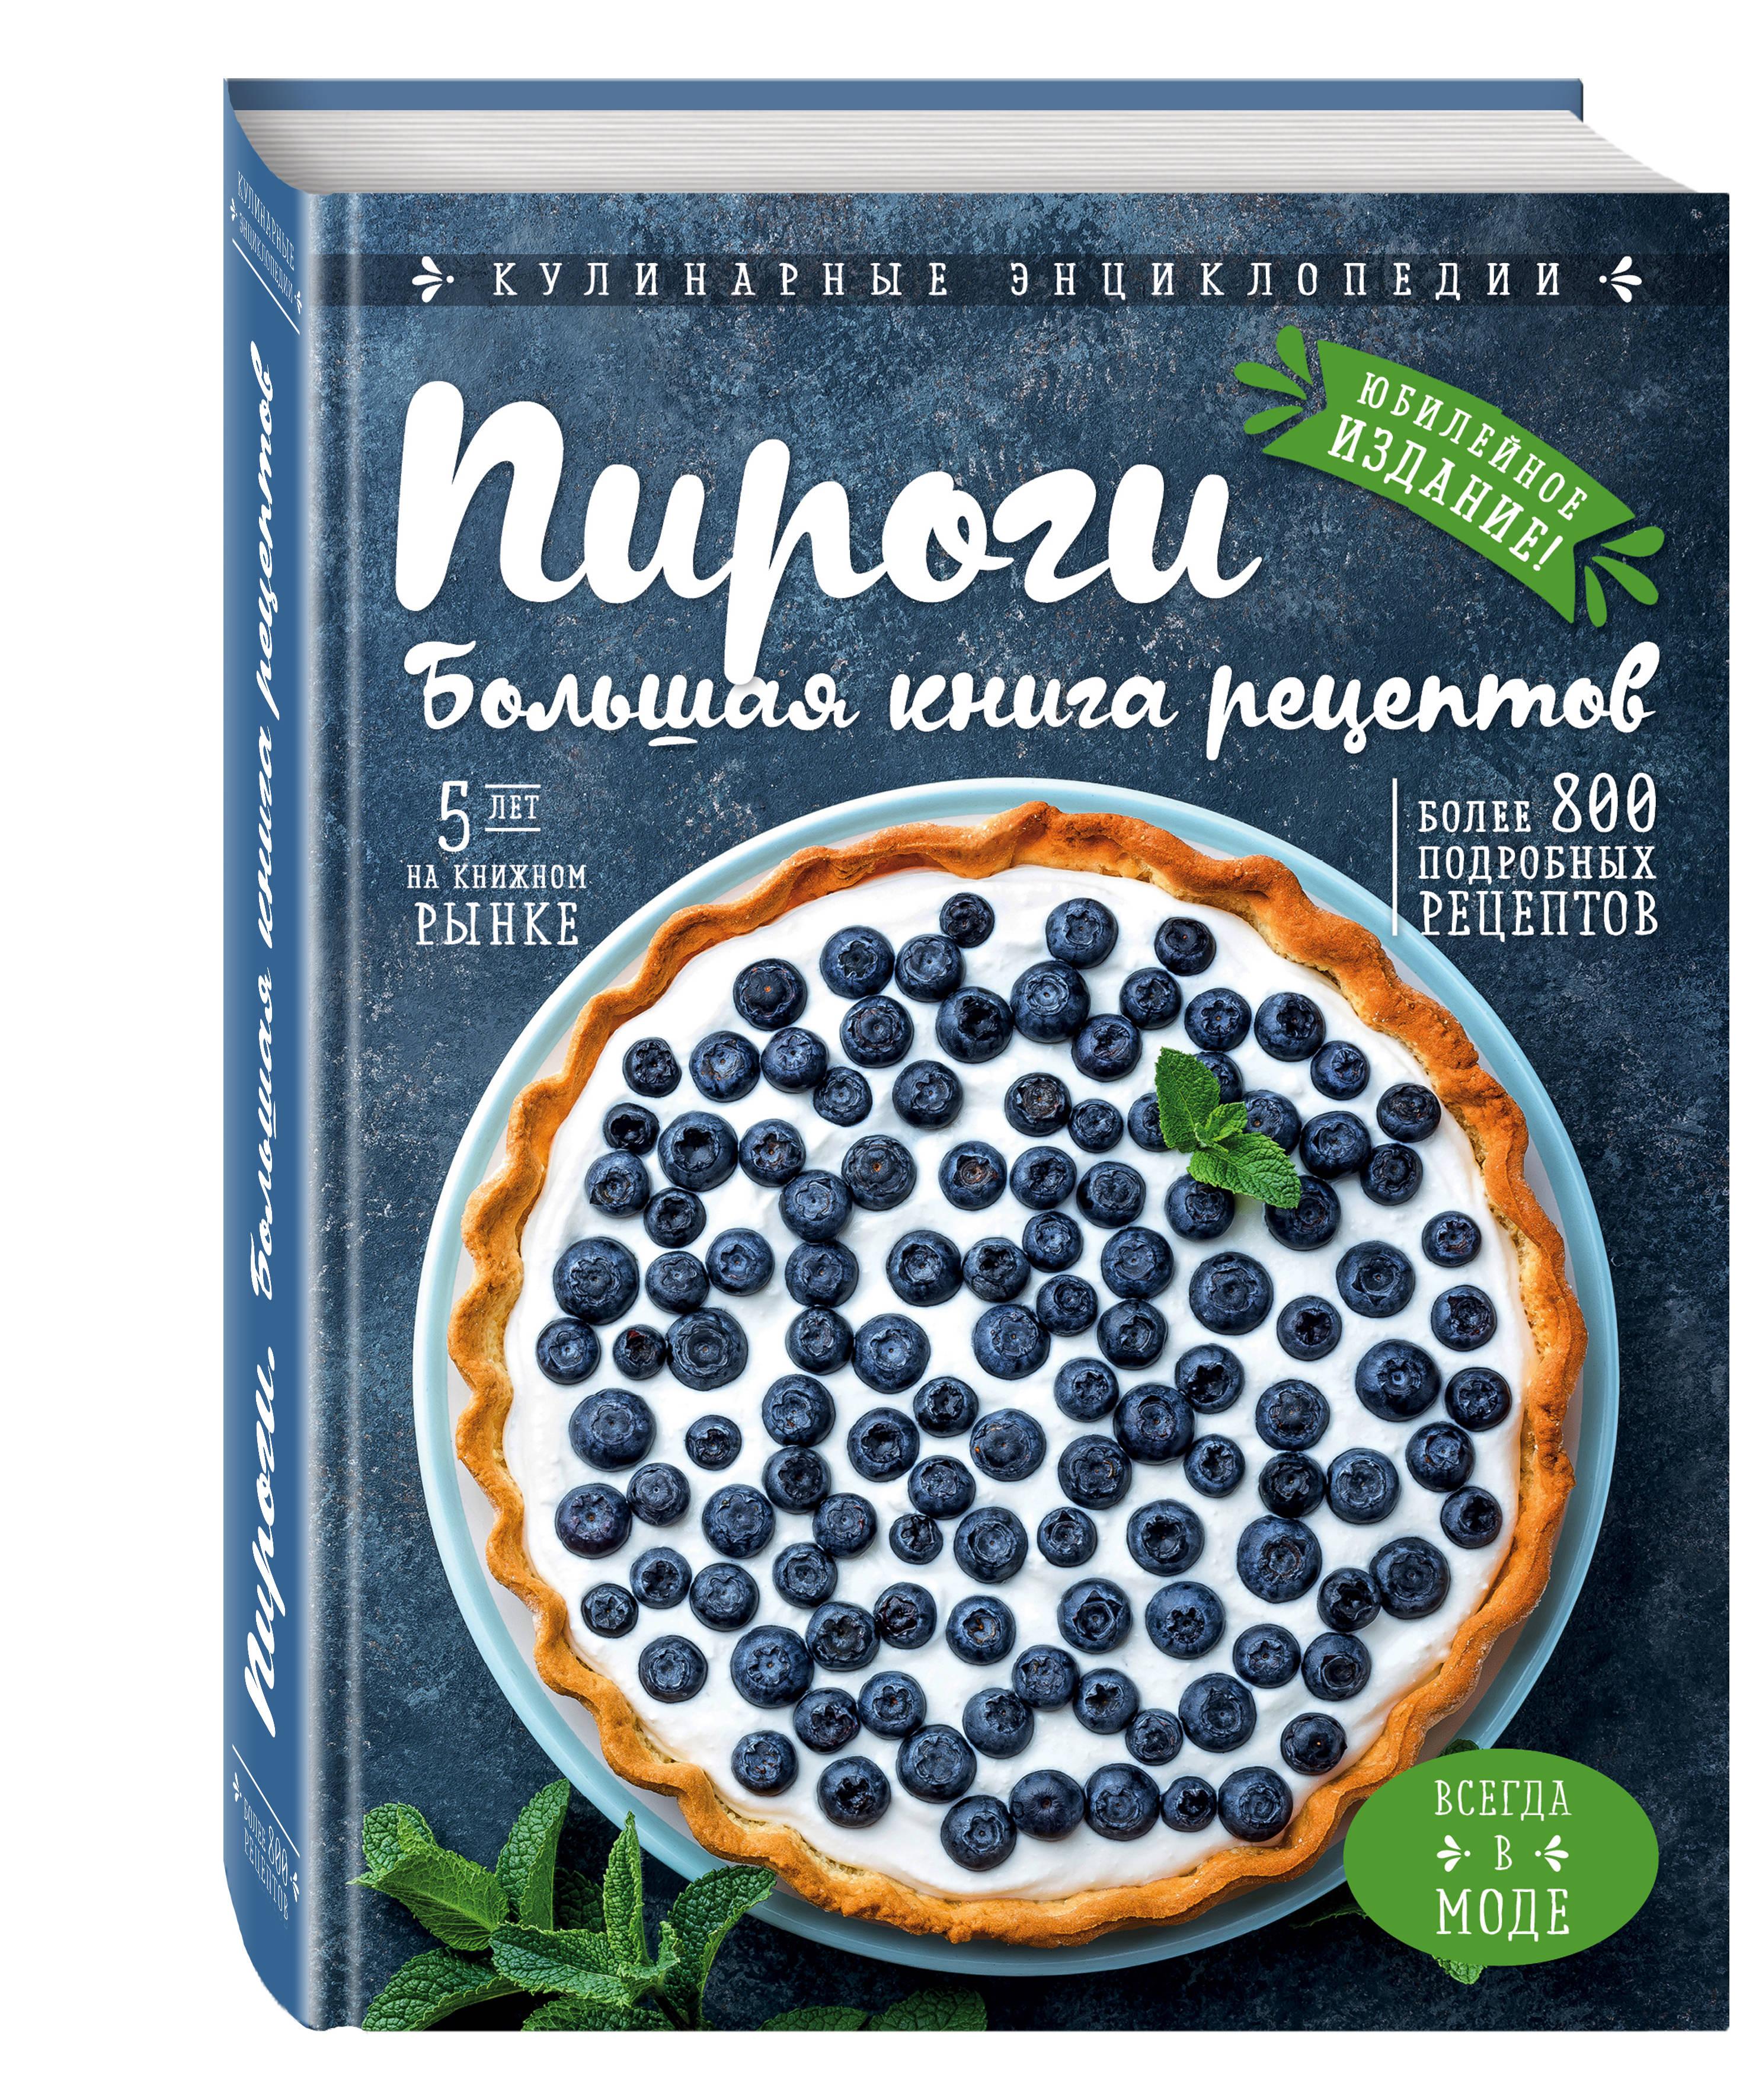 Пироги. Большая книга рецептов комлев и ковыль